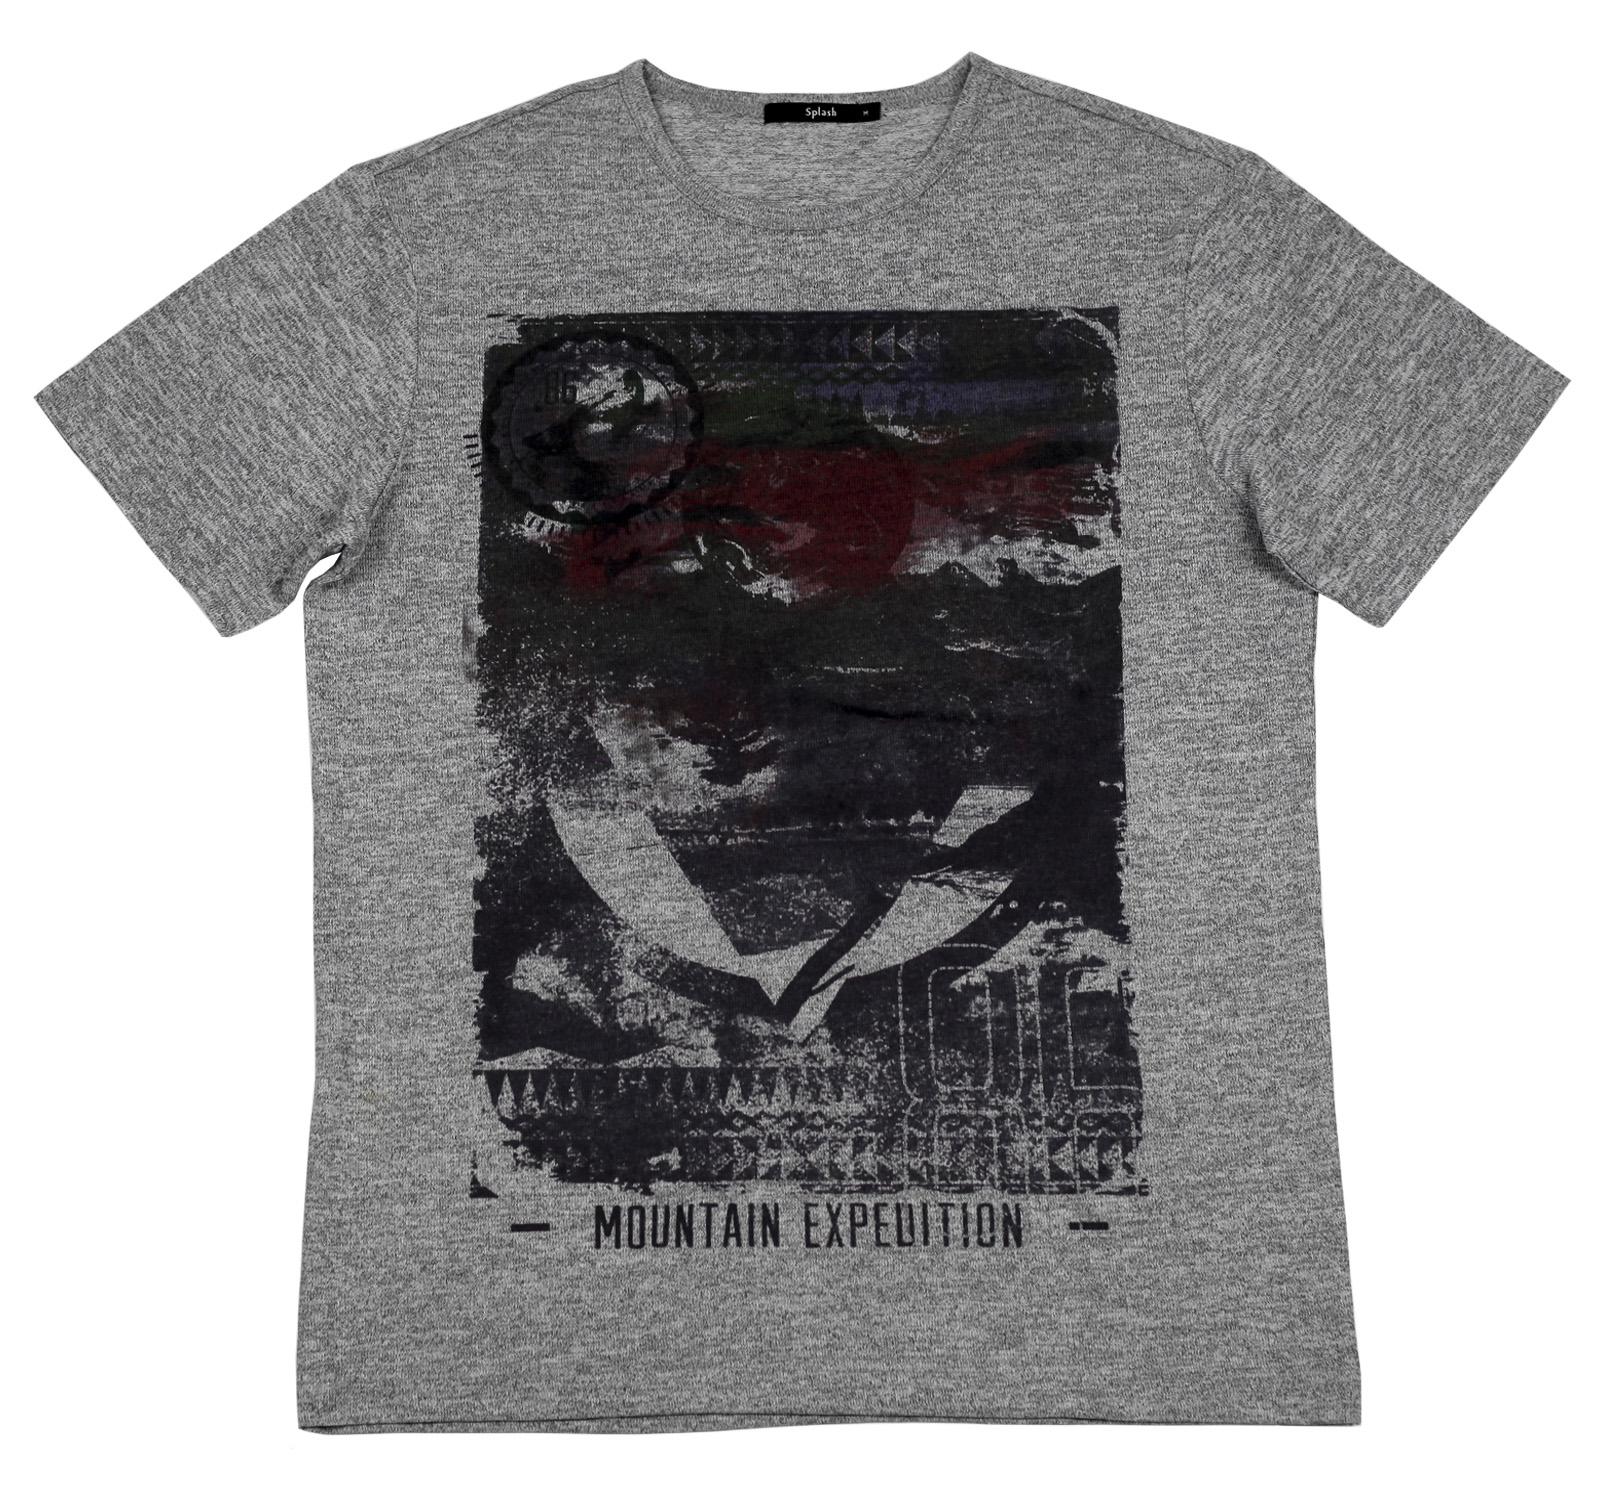 Мужская футболка Splash. Практичный цвет, удобный покрой